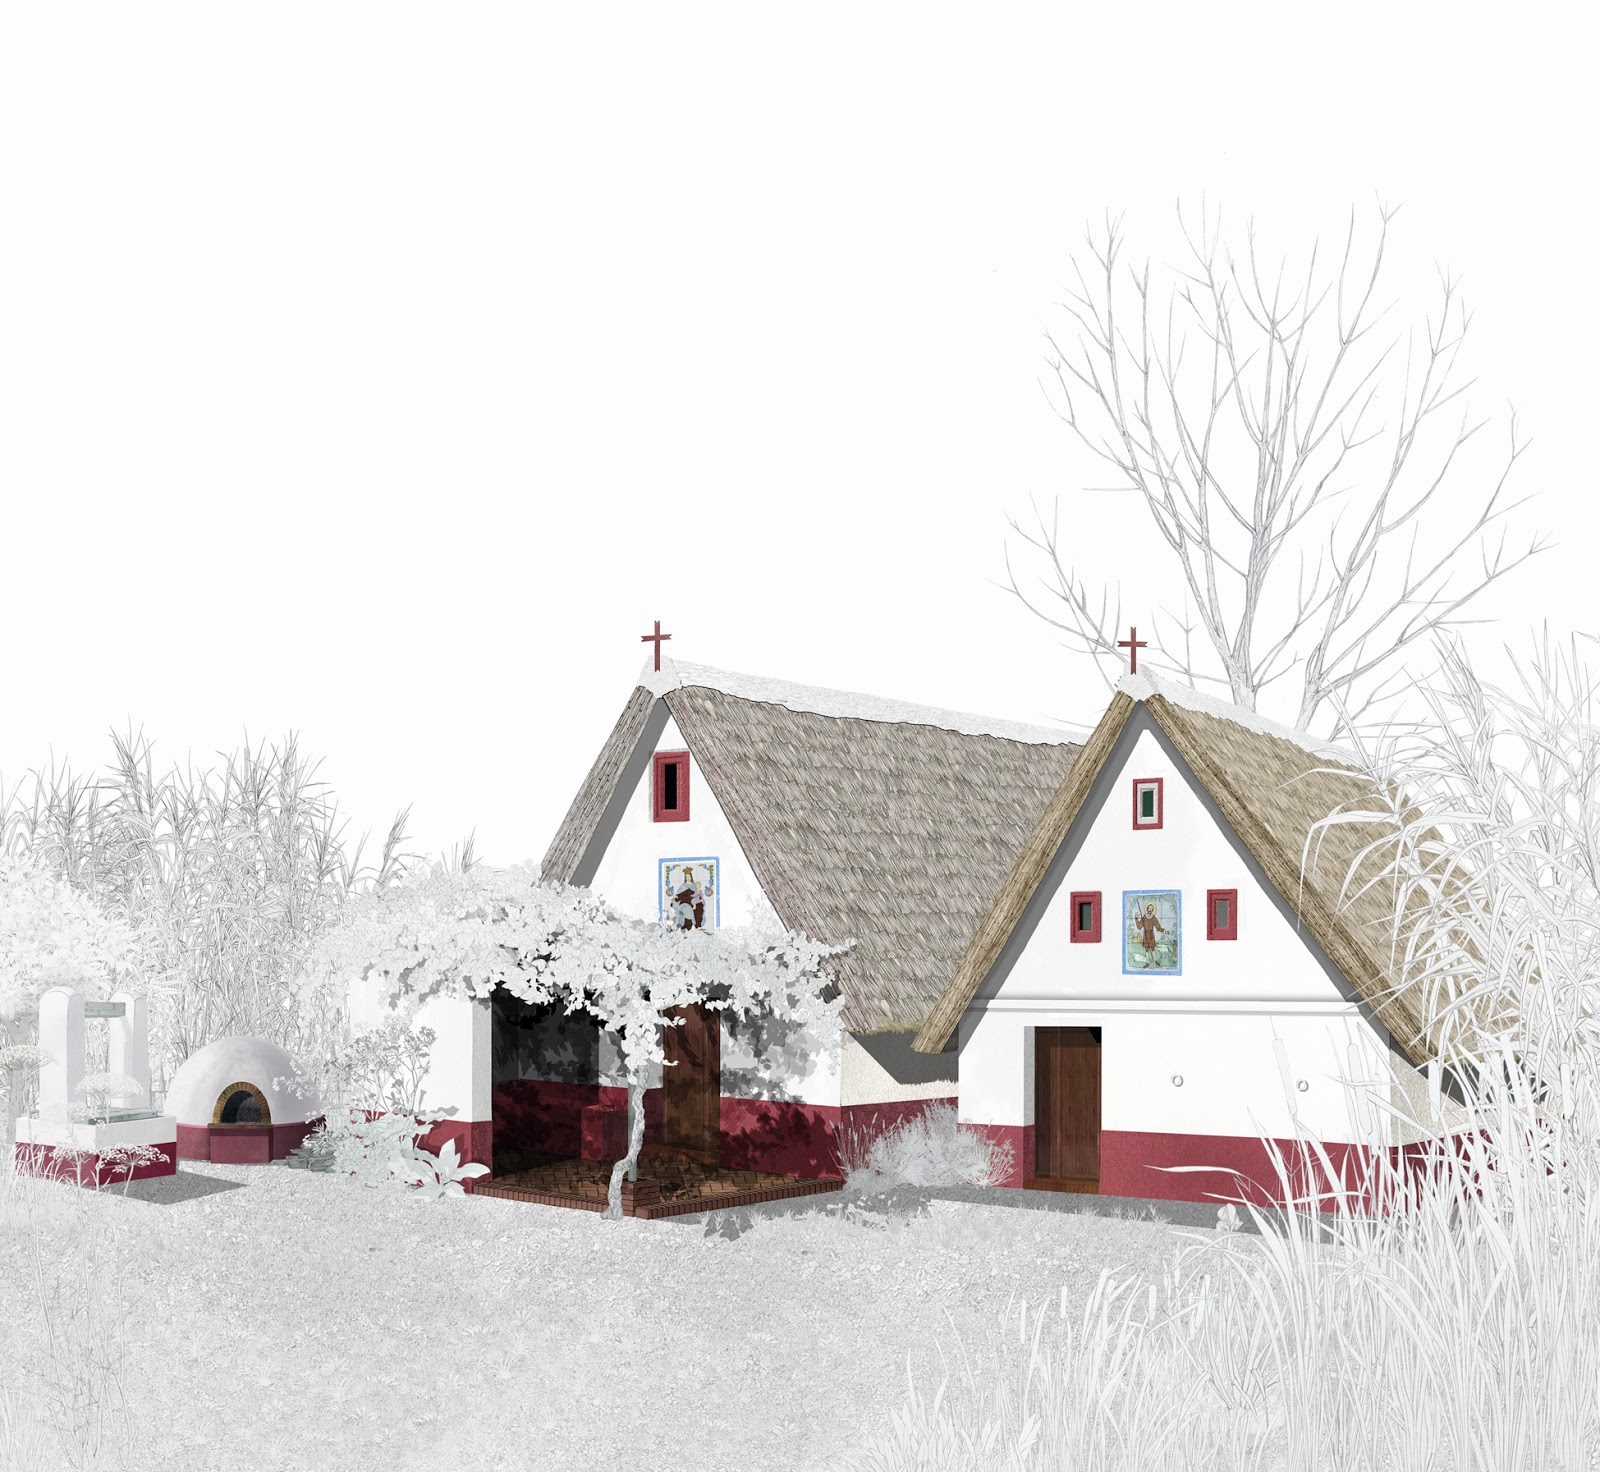 arquitectura ecológica, arquitectura tradicional,